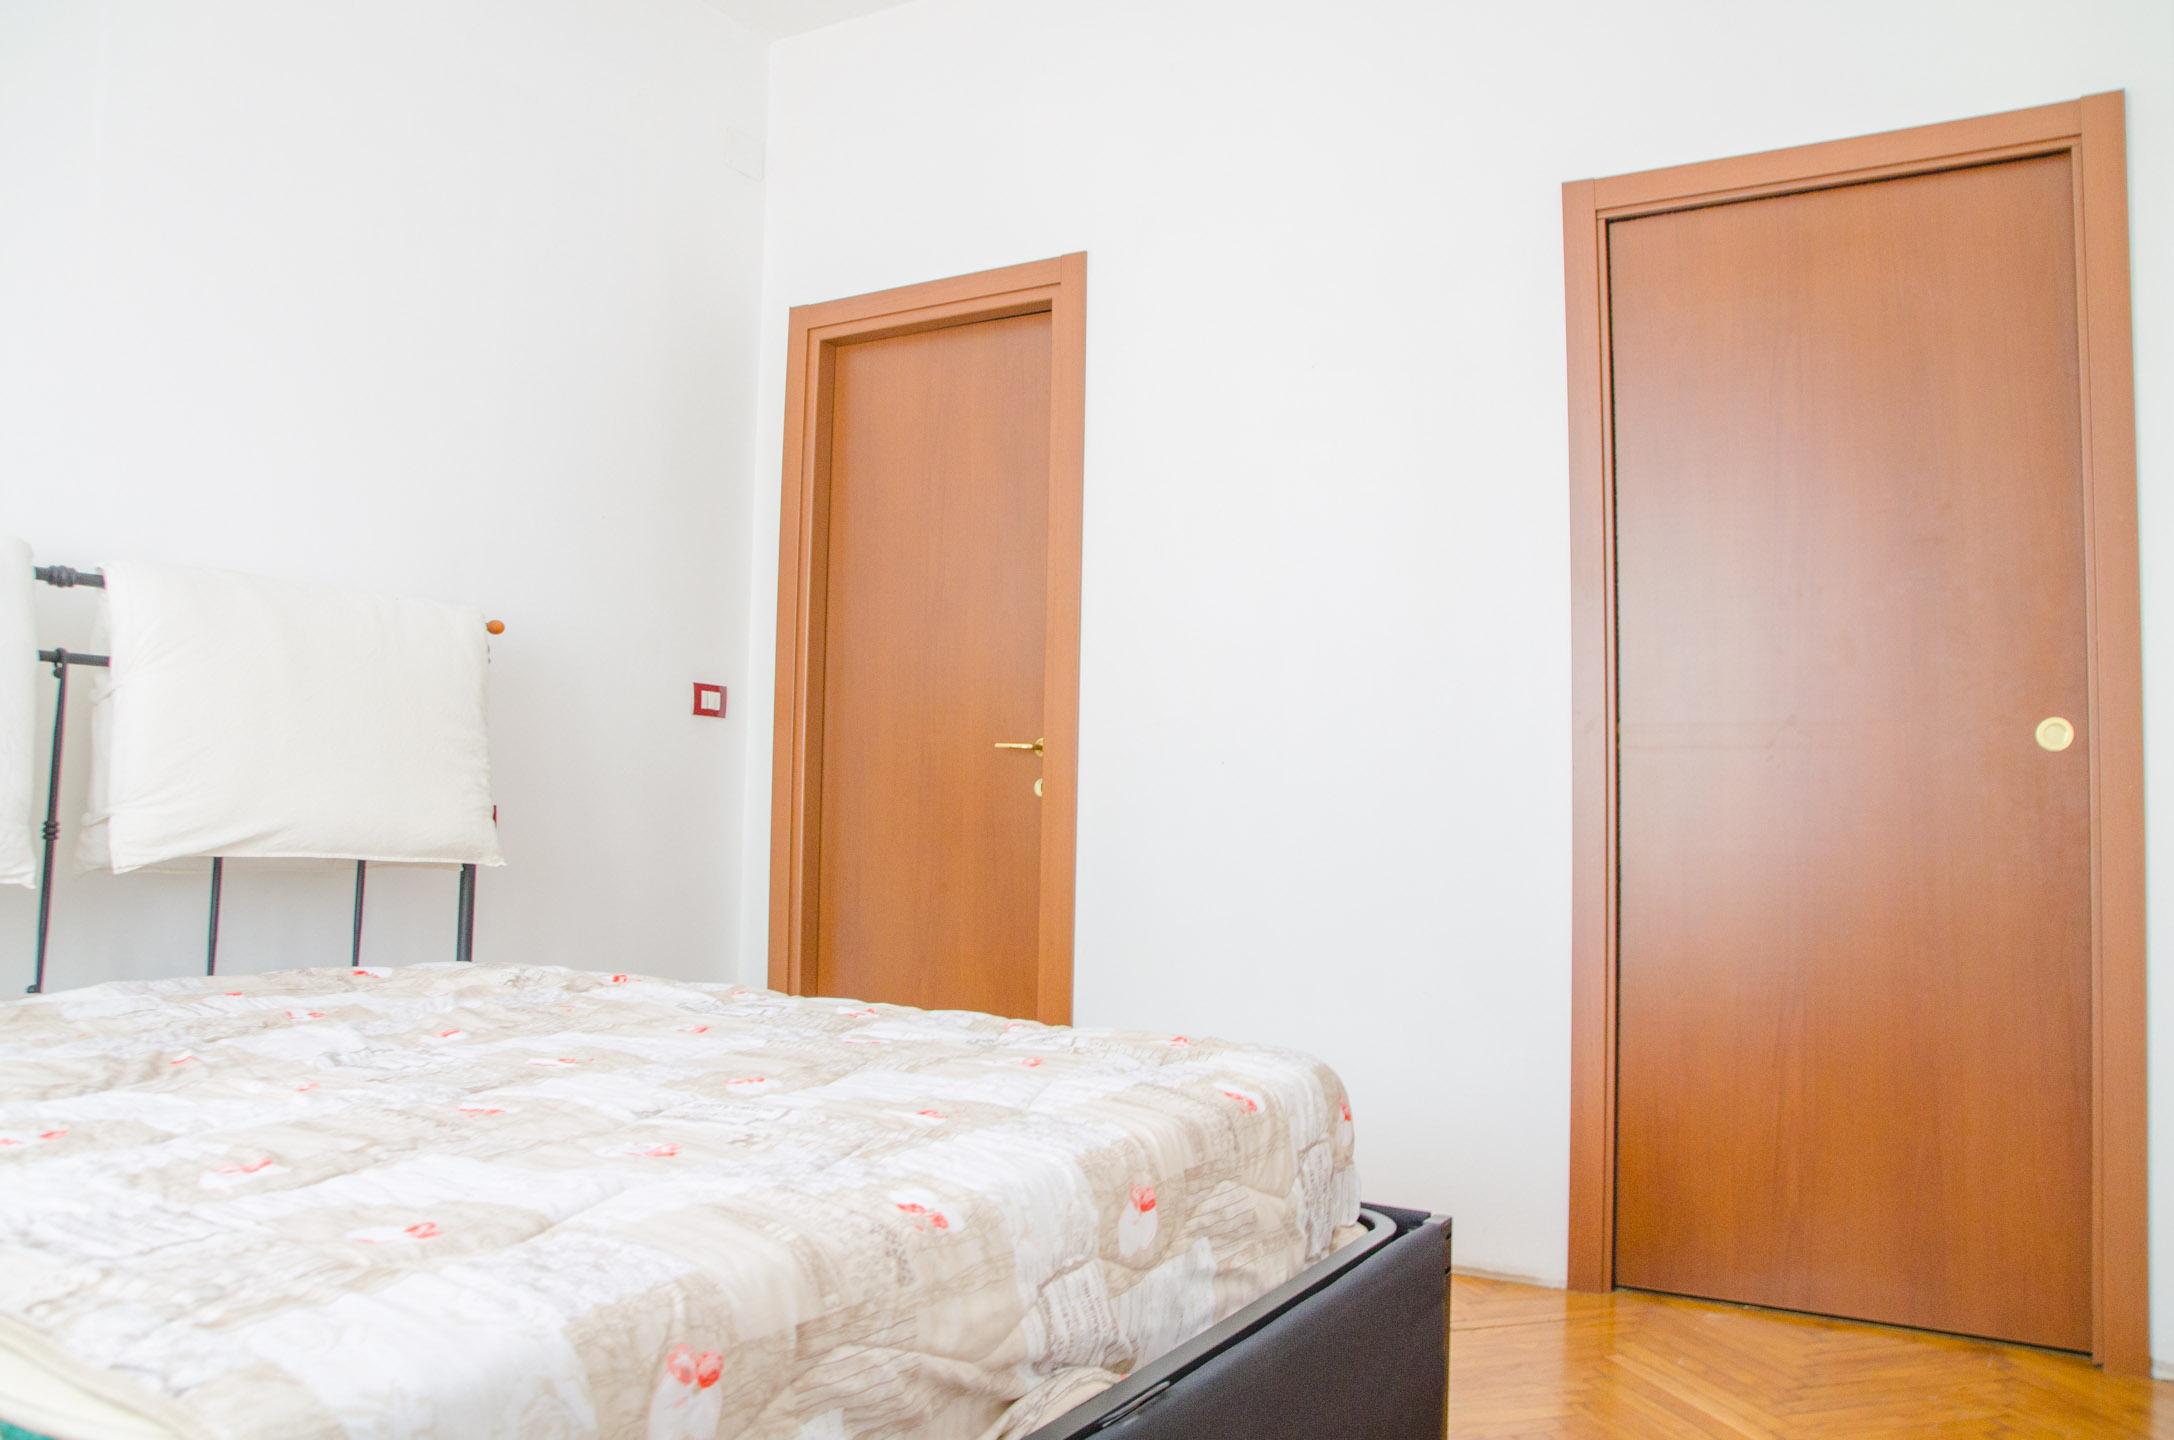 camera da letto foto 2 in vendita via brandizzo 51 torino